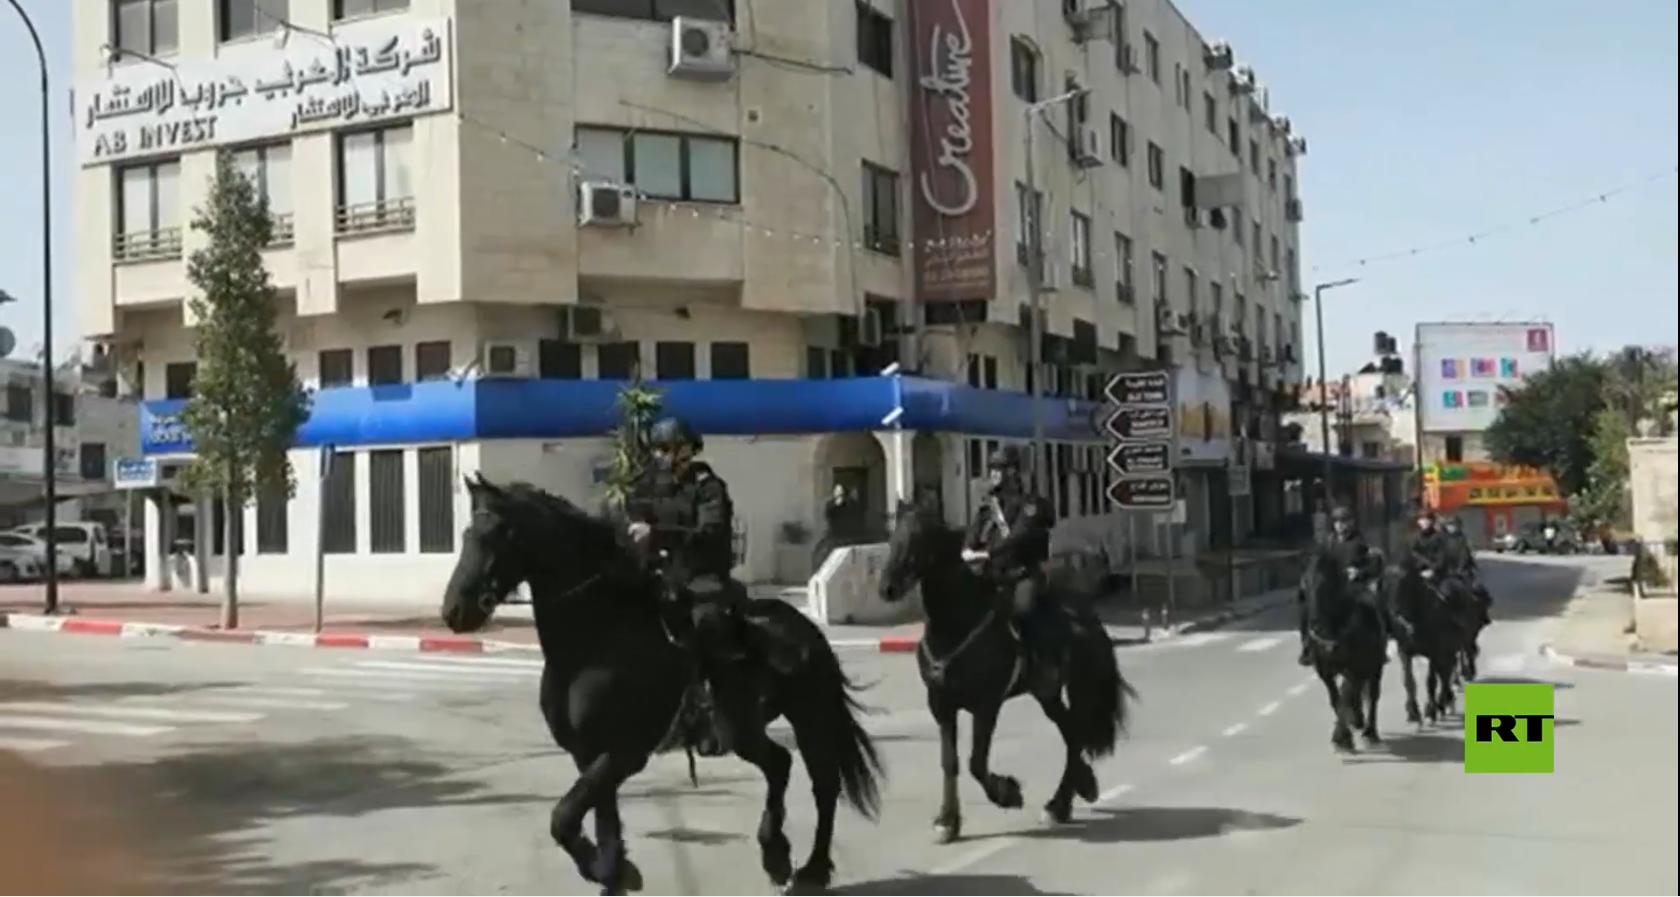 دوريات أمنية من الخيالة لفرض حظر التجول في رام الله